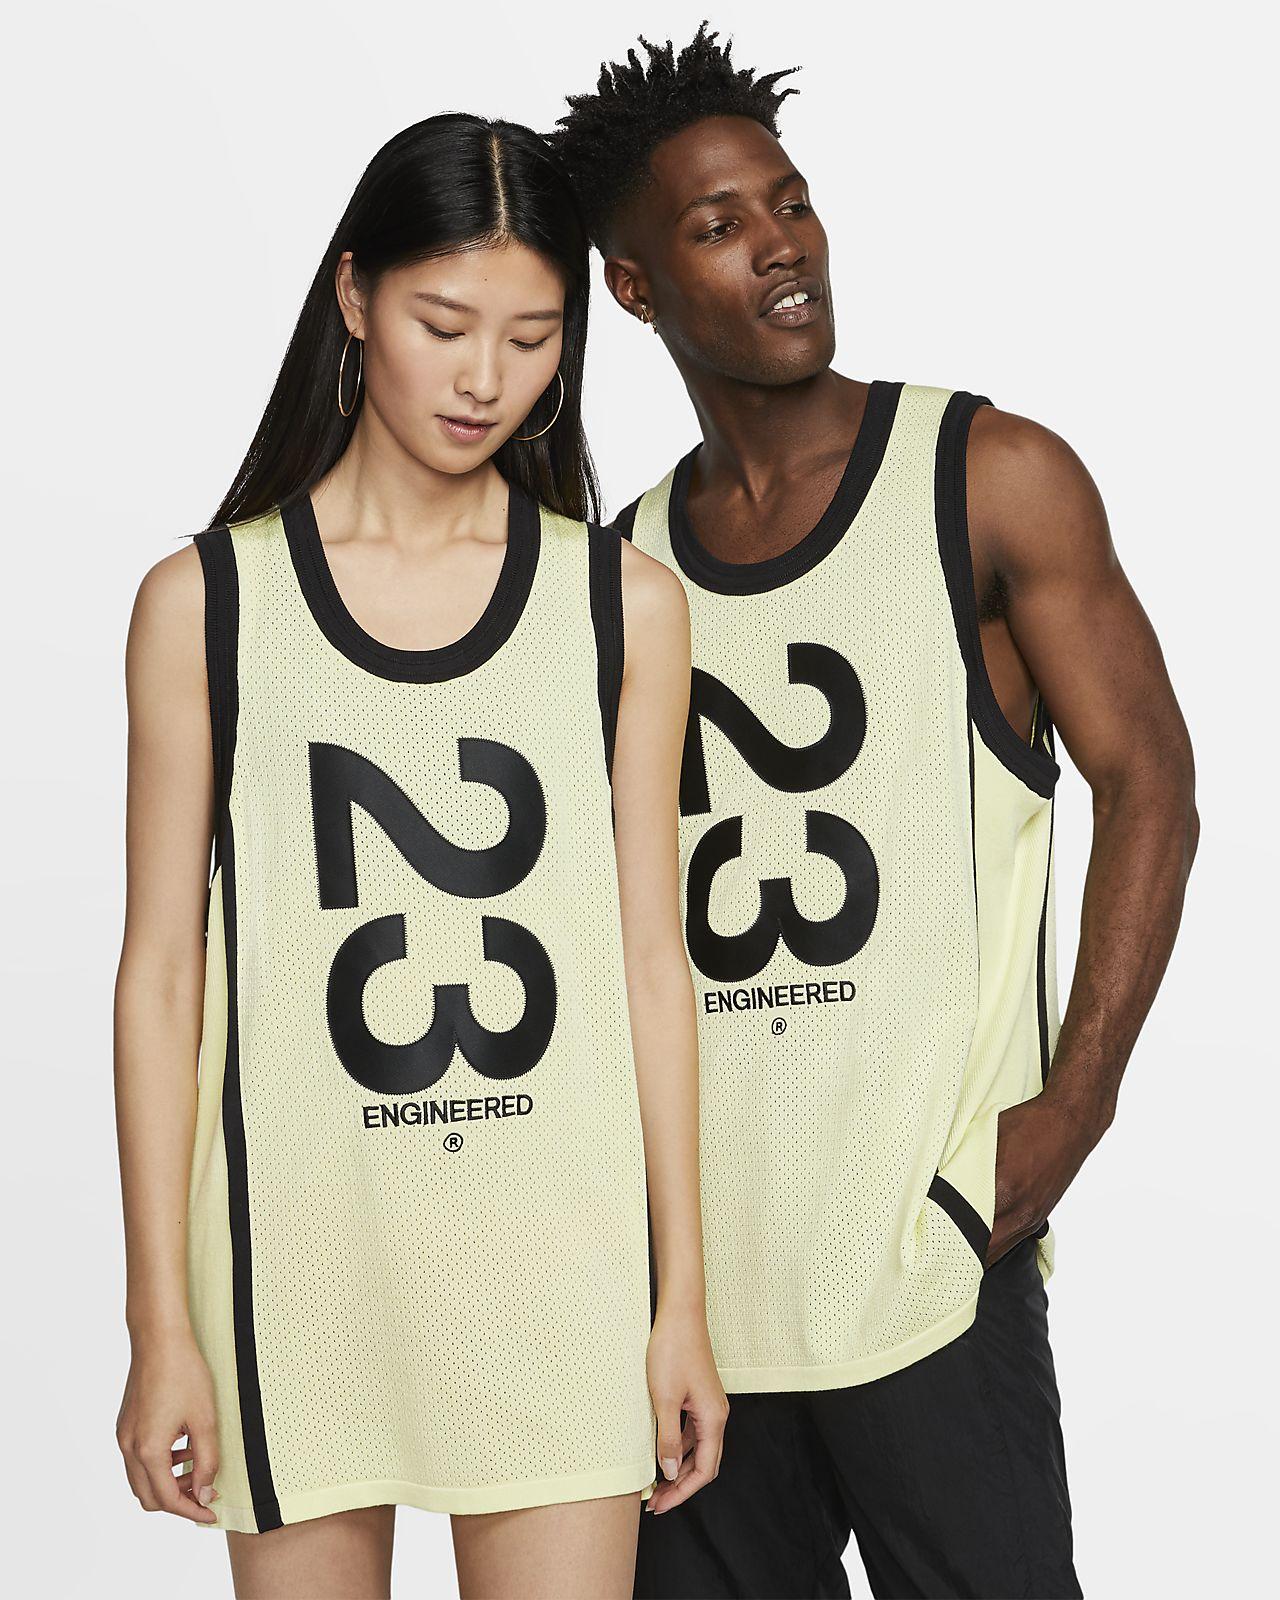 Camiseta Jordan 23 Engineered